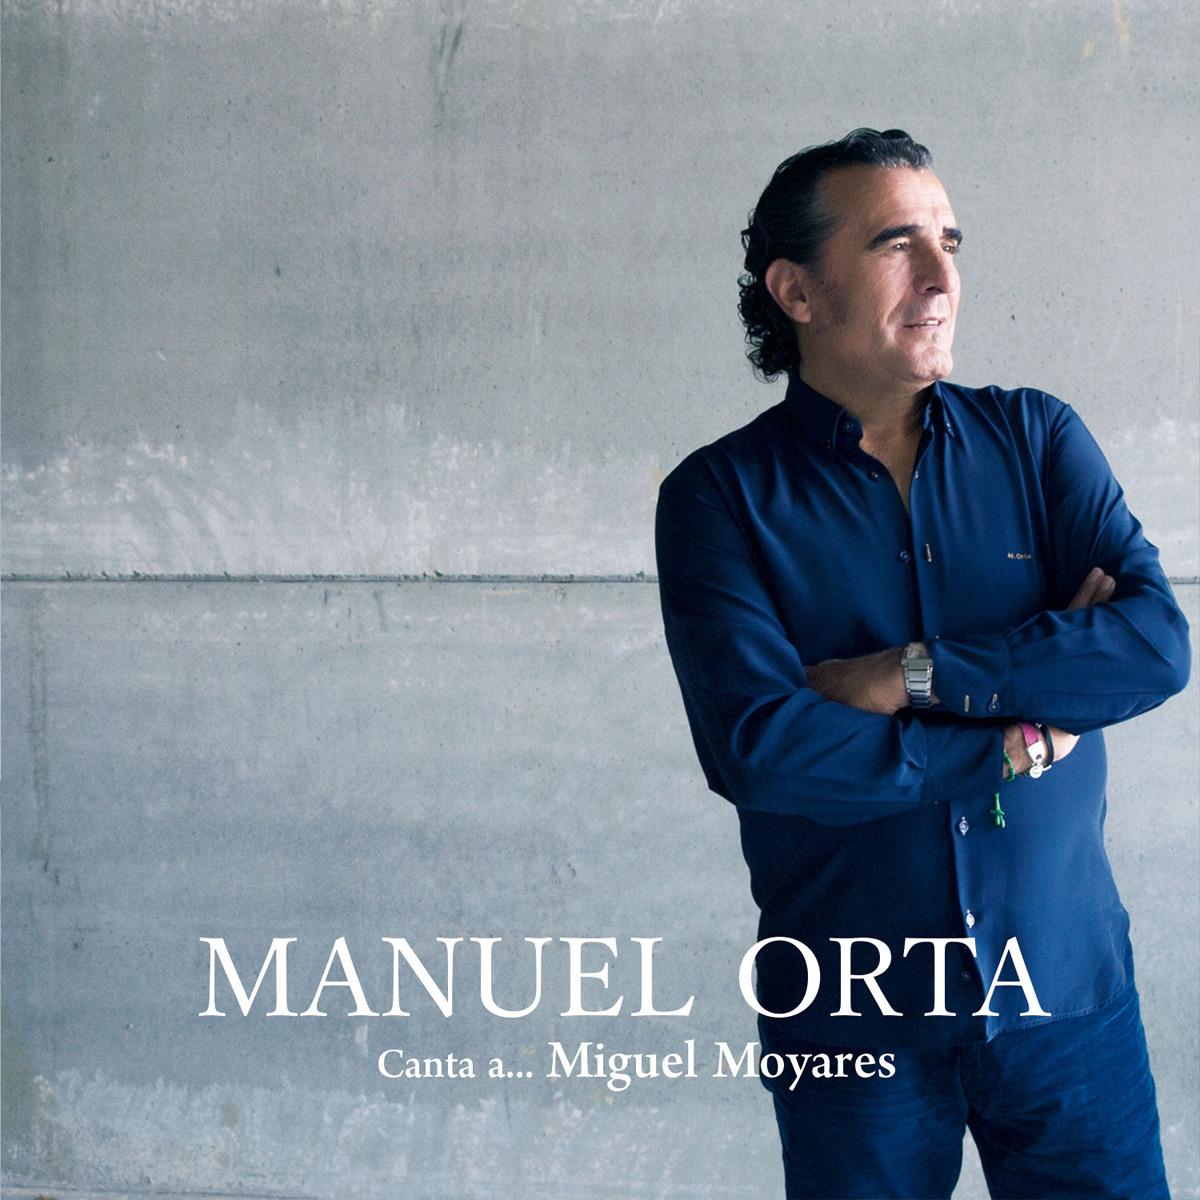 Canta a... Miguel Moyares